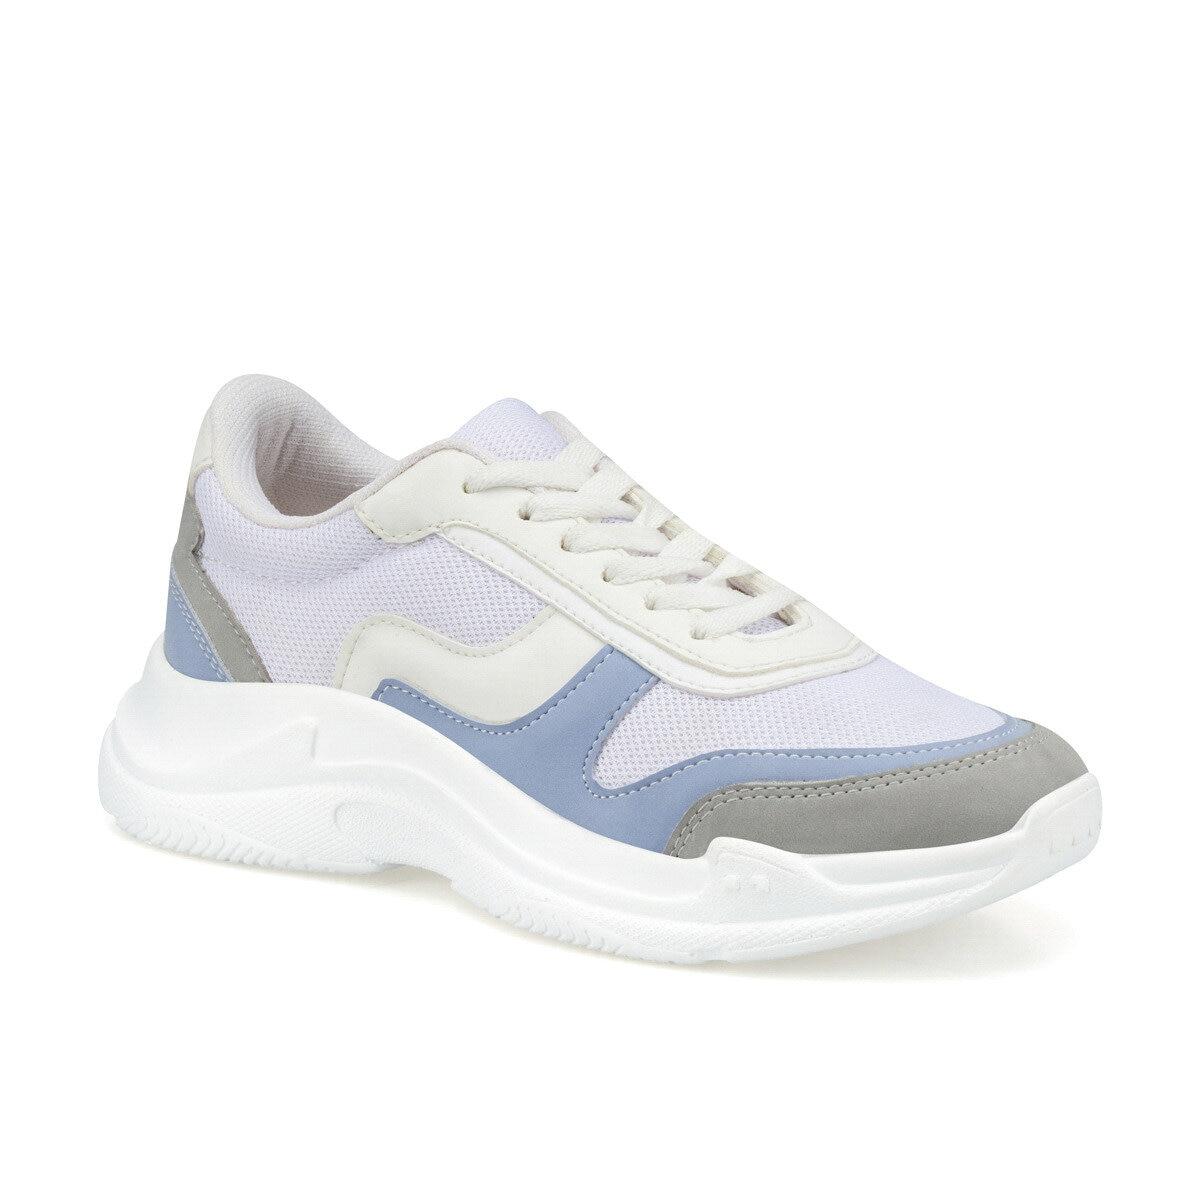 FLO 315617.Z White Women 'S Sports Shoes Polaris